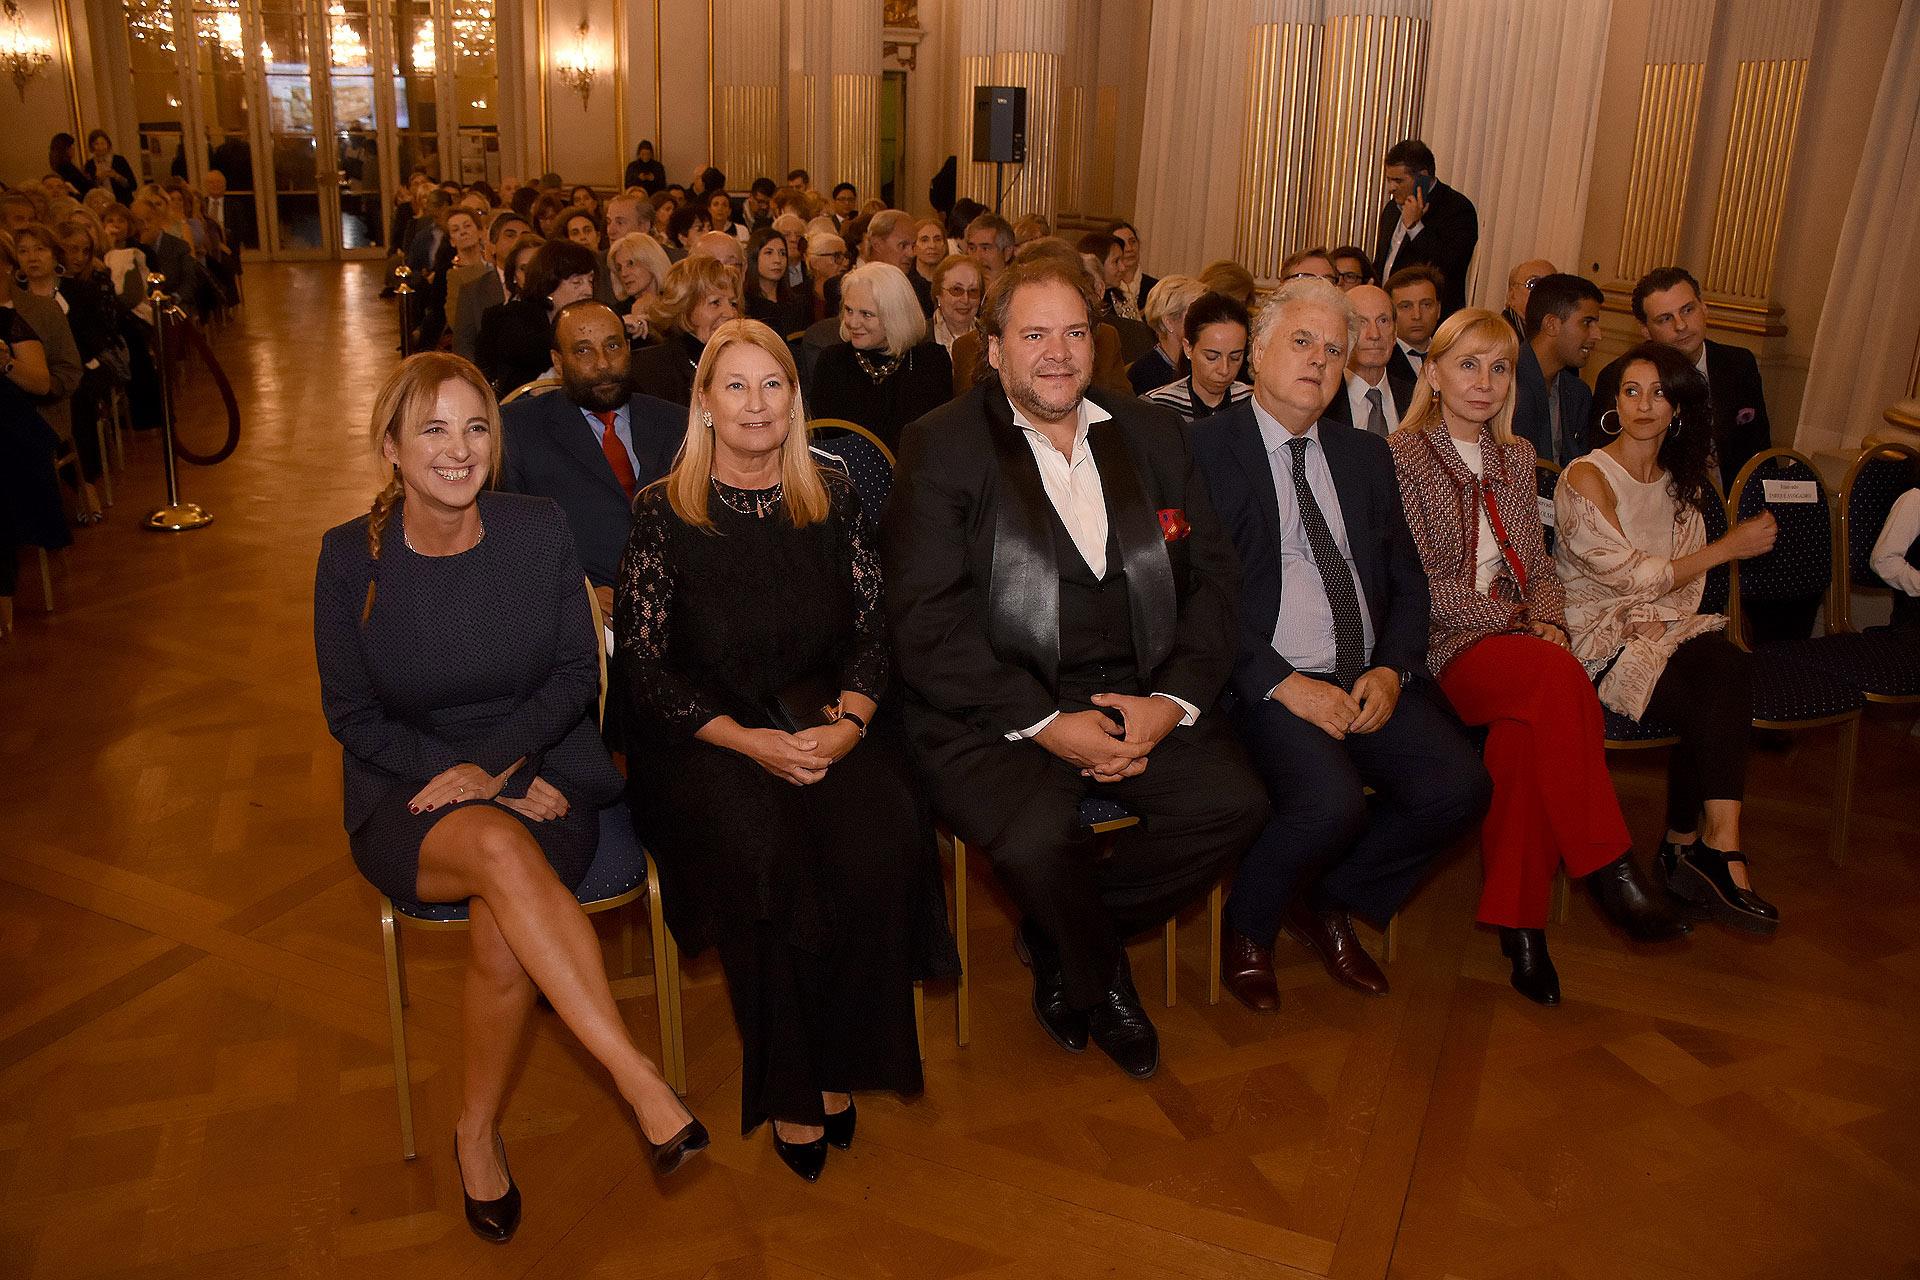 La diputada Carolina Estebarena; la presidente de la Fundación Teatro Colón; el tenor Duilio Smiriglia; el legislador Eduardo Santamarina; la directora general del Teatro Colón, María Victoria Alcaraz, y la bailarina Karina Olmedo